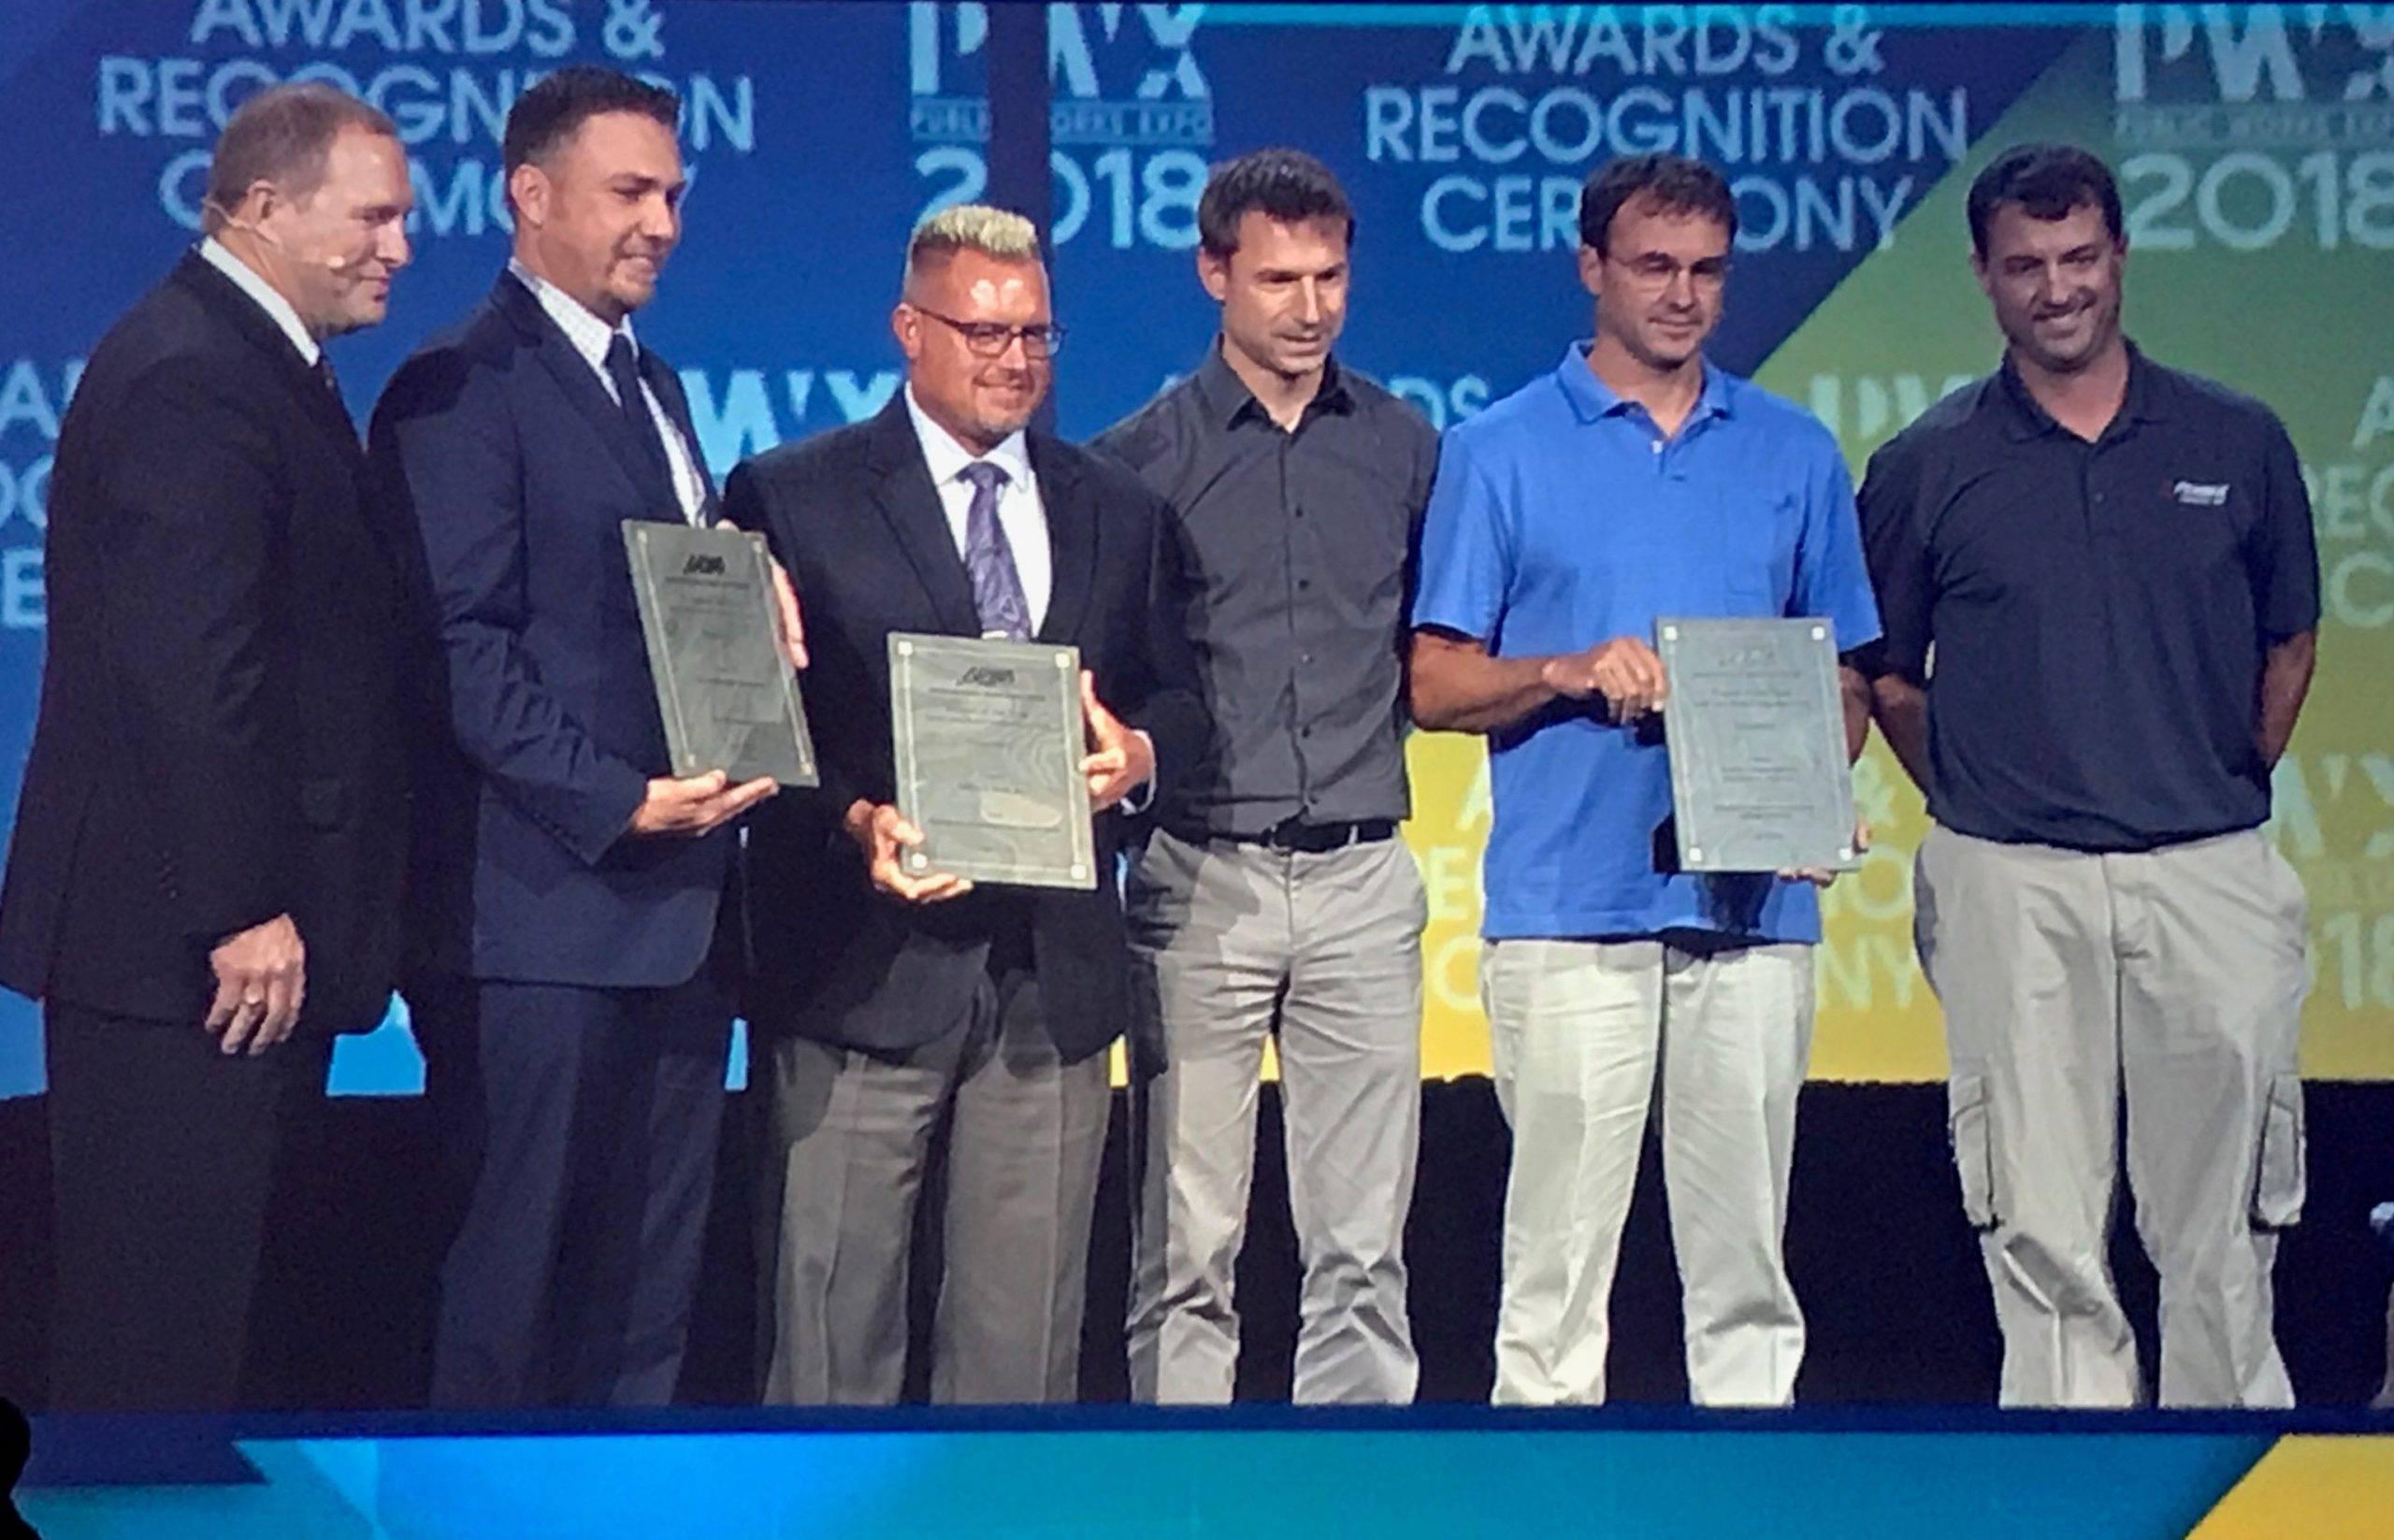 APWA Award Received at PWX